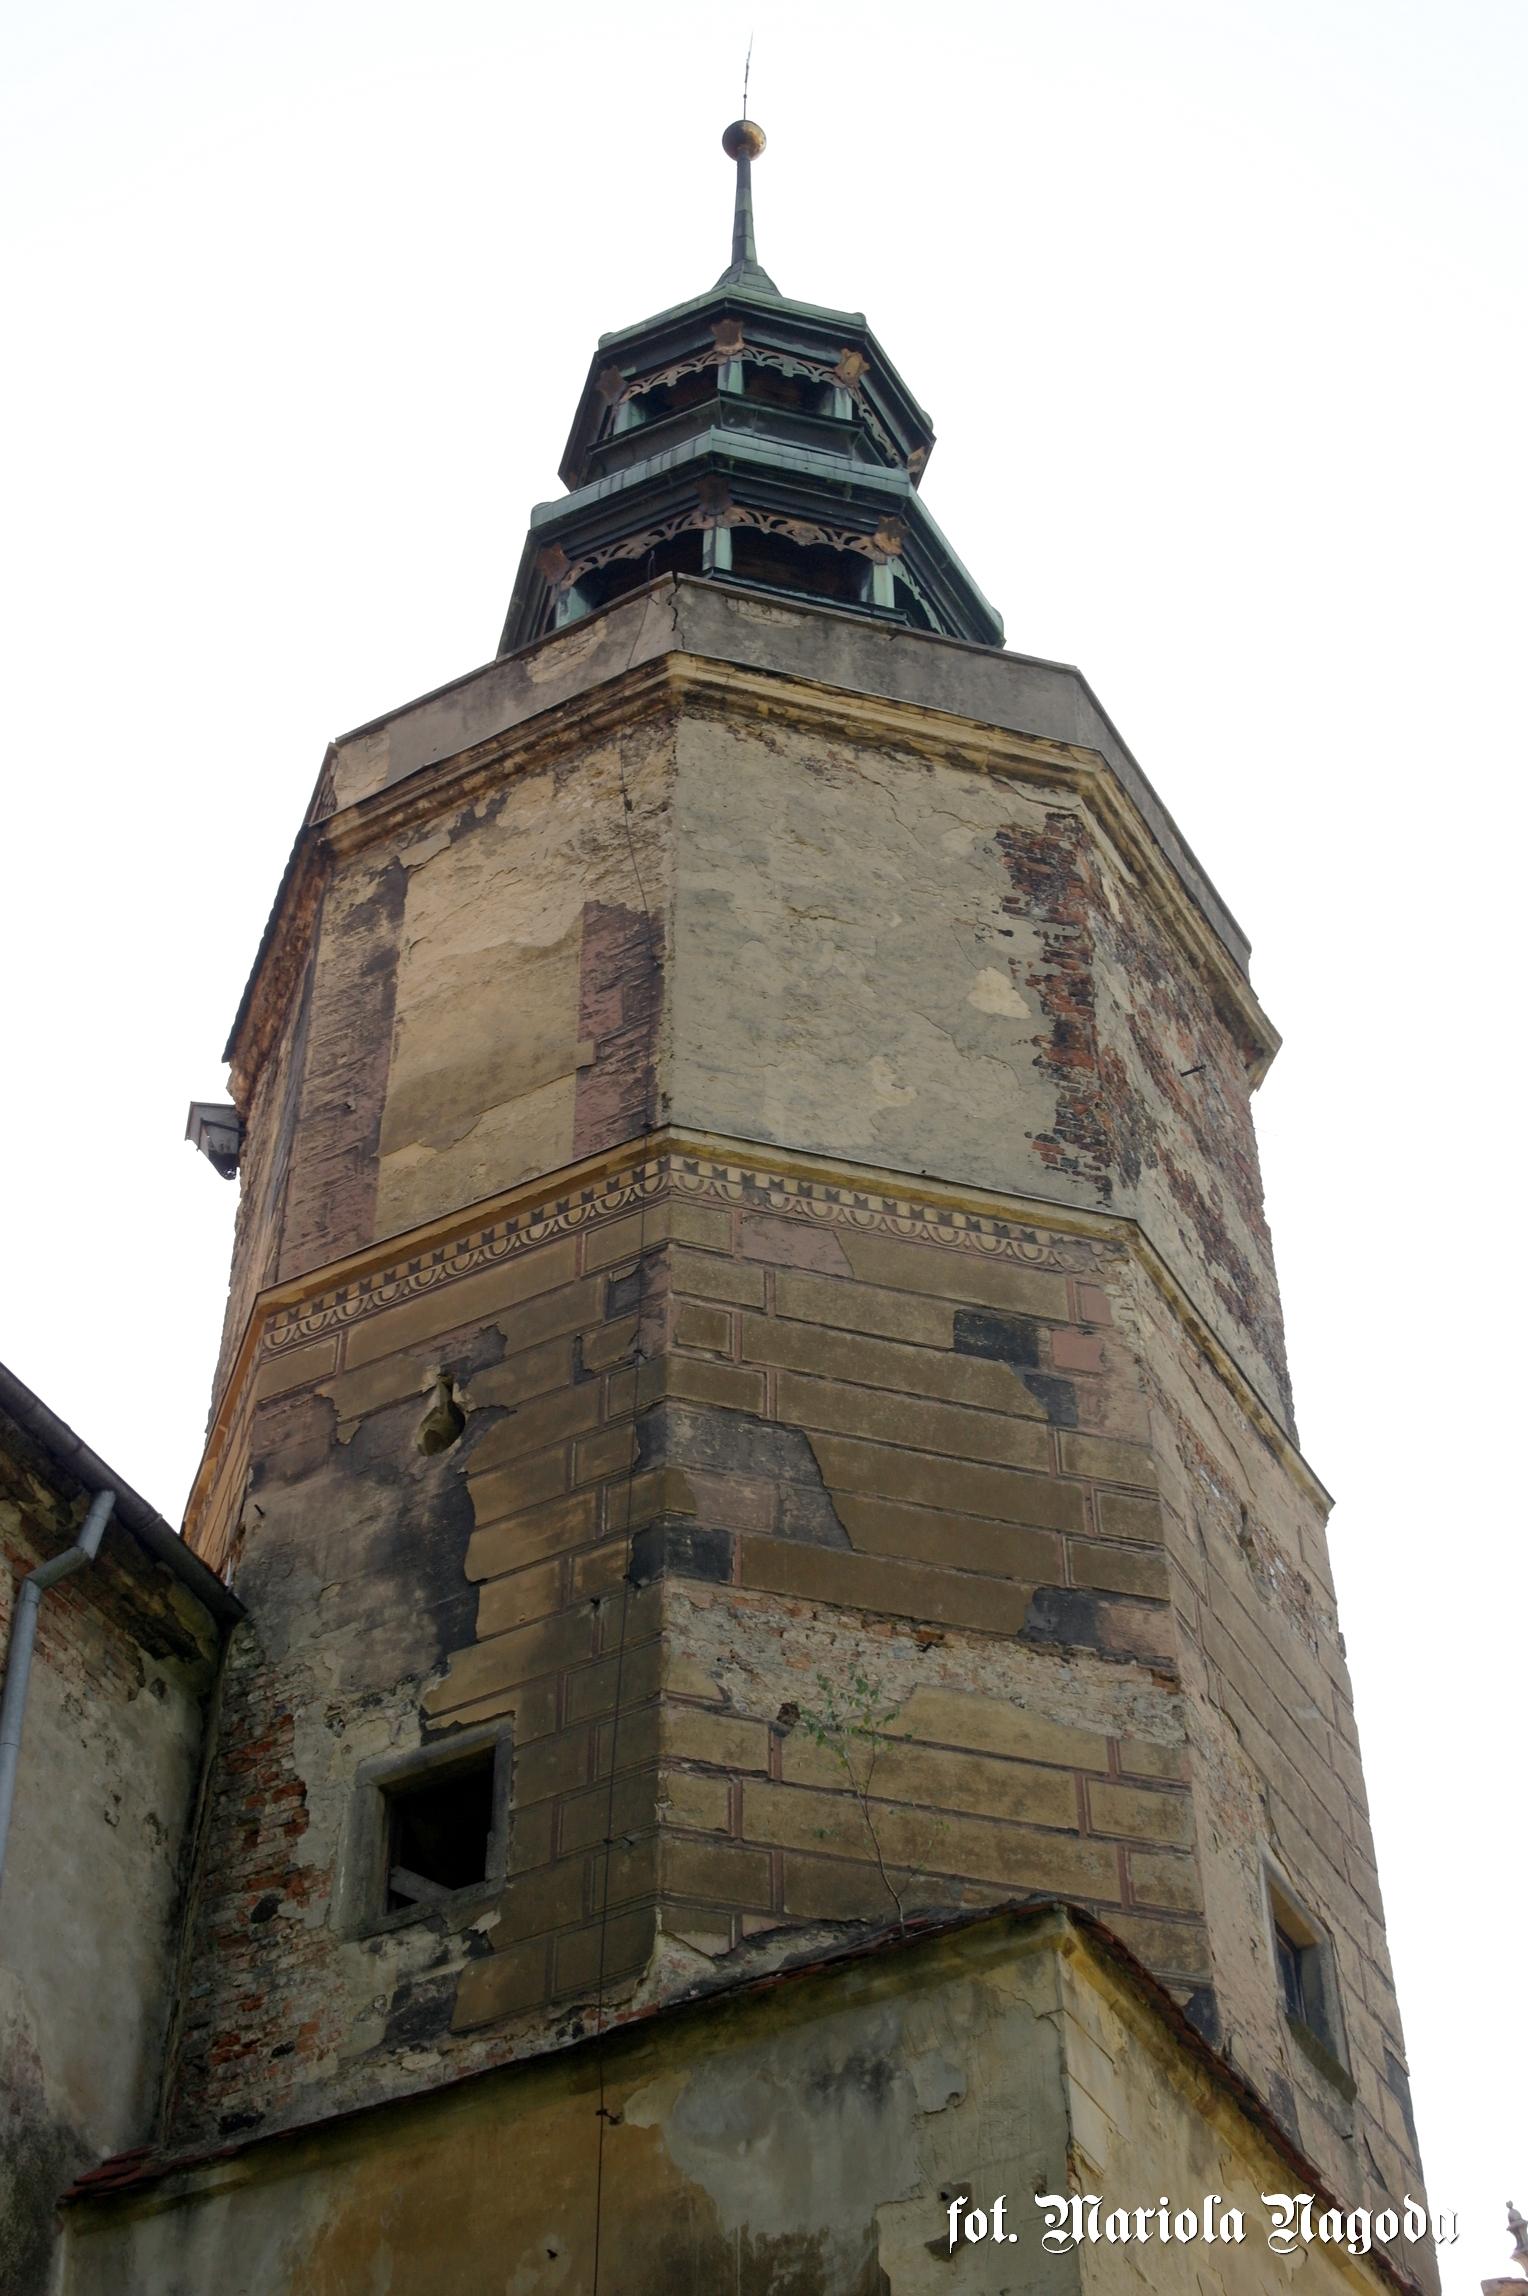 Wieża zamku i resztki boniowań